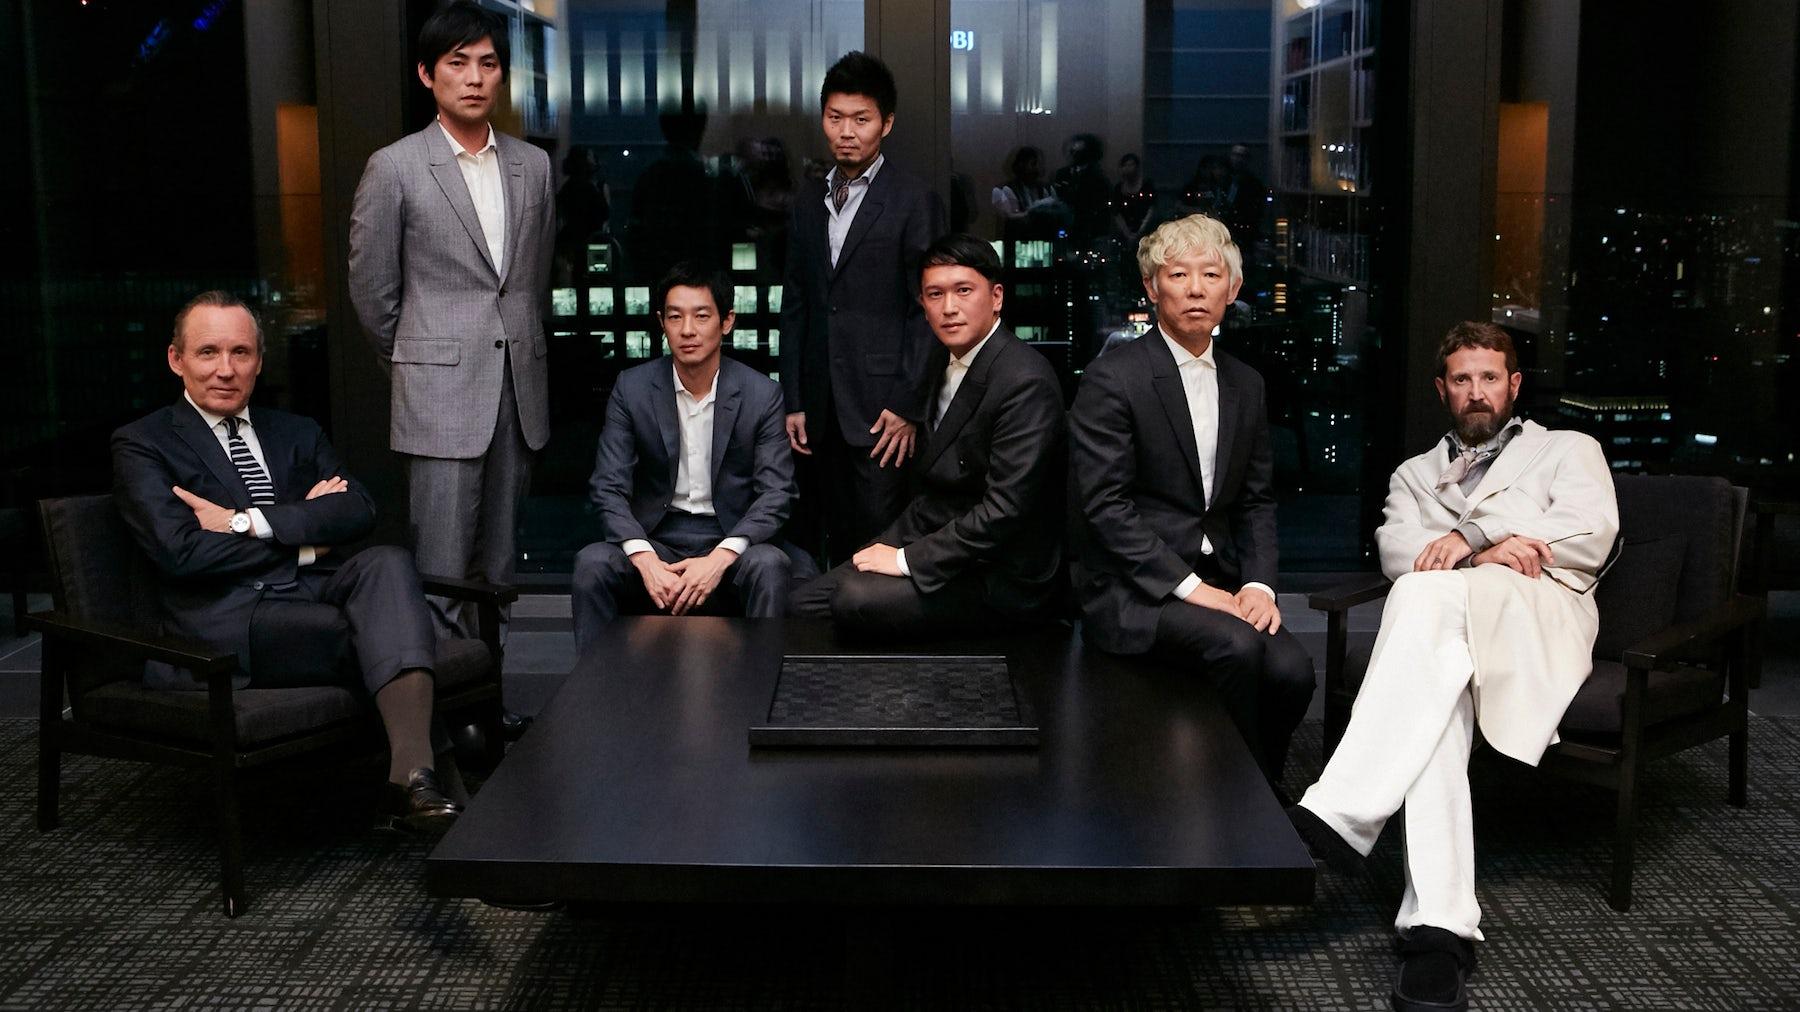 Gildo Zegna, Shohei Shigematsu, Ryo Kase, Zaiyu Hasegawa, Kaie Murakami, Takashi Homma, Stefano Pilati | Source: Courtesy